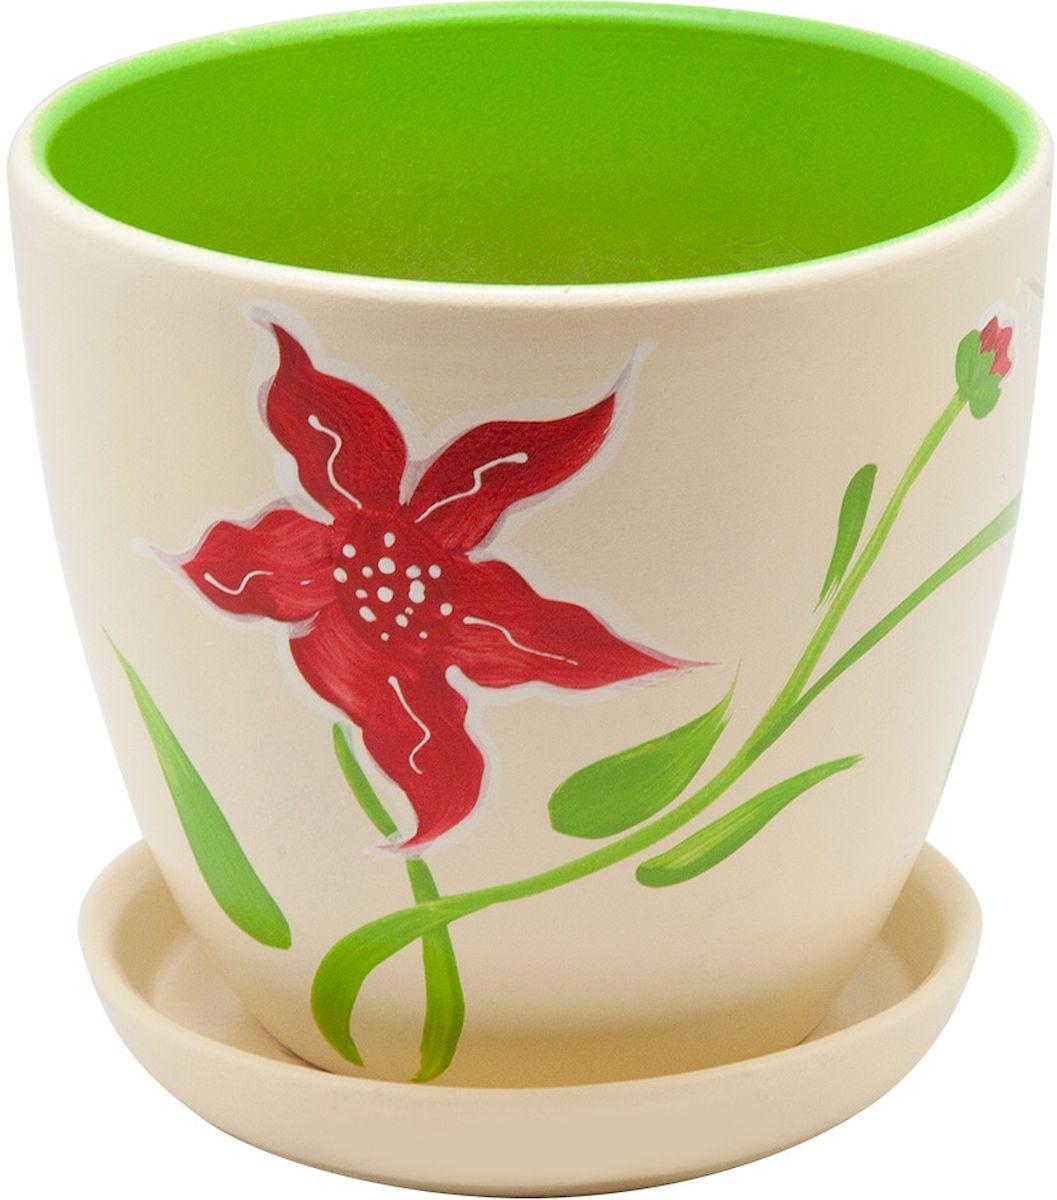 Горшок цветочный Engard, с поддоном, 1,4 л. BH-15-1BH-15-1Керамический горшок - это идеальное решение для выращивания комнатных растений и создания изысканности в интерьере. Керамический горшок сделан из высококачественной глины в классической форме и оригинальном дизайне.